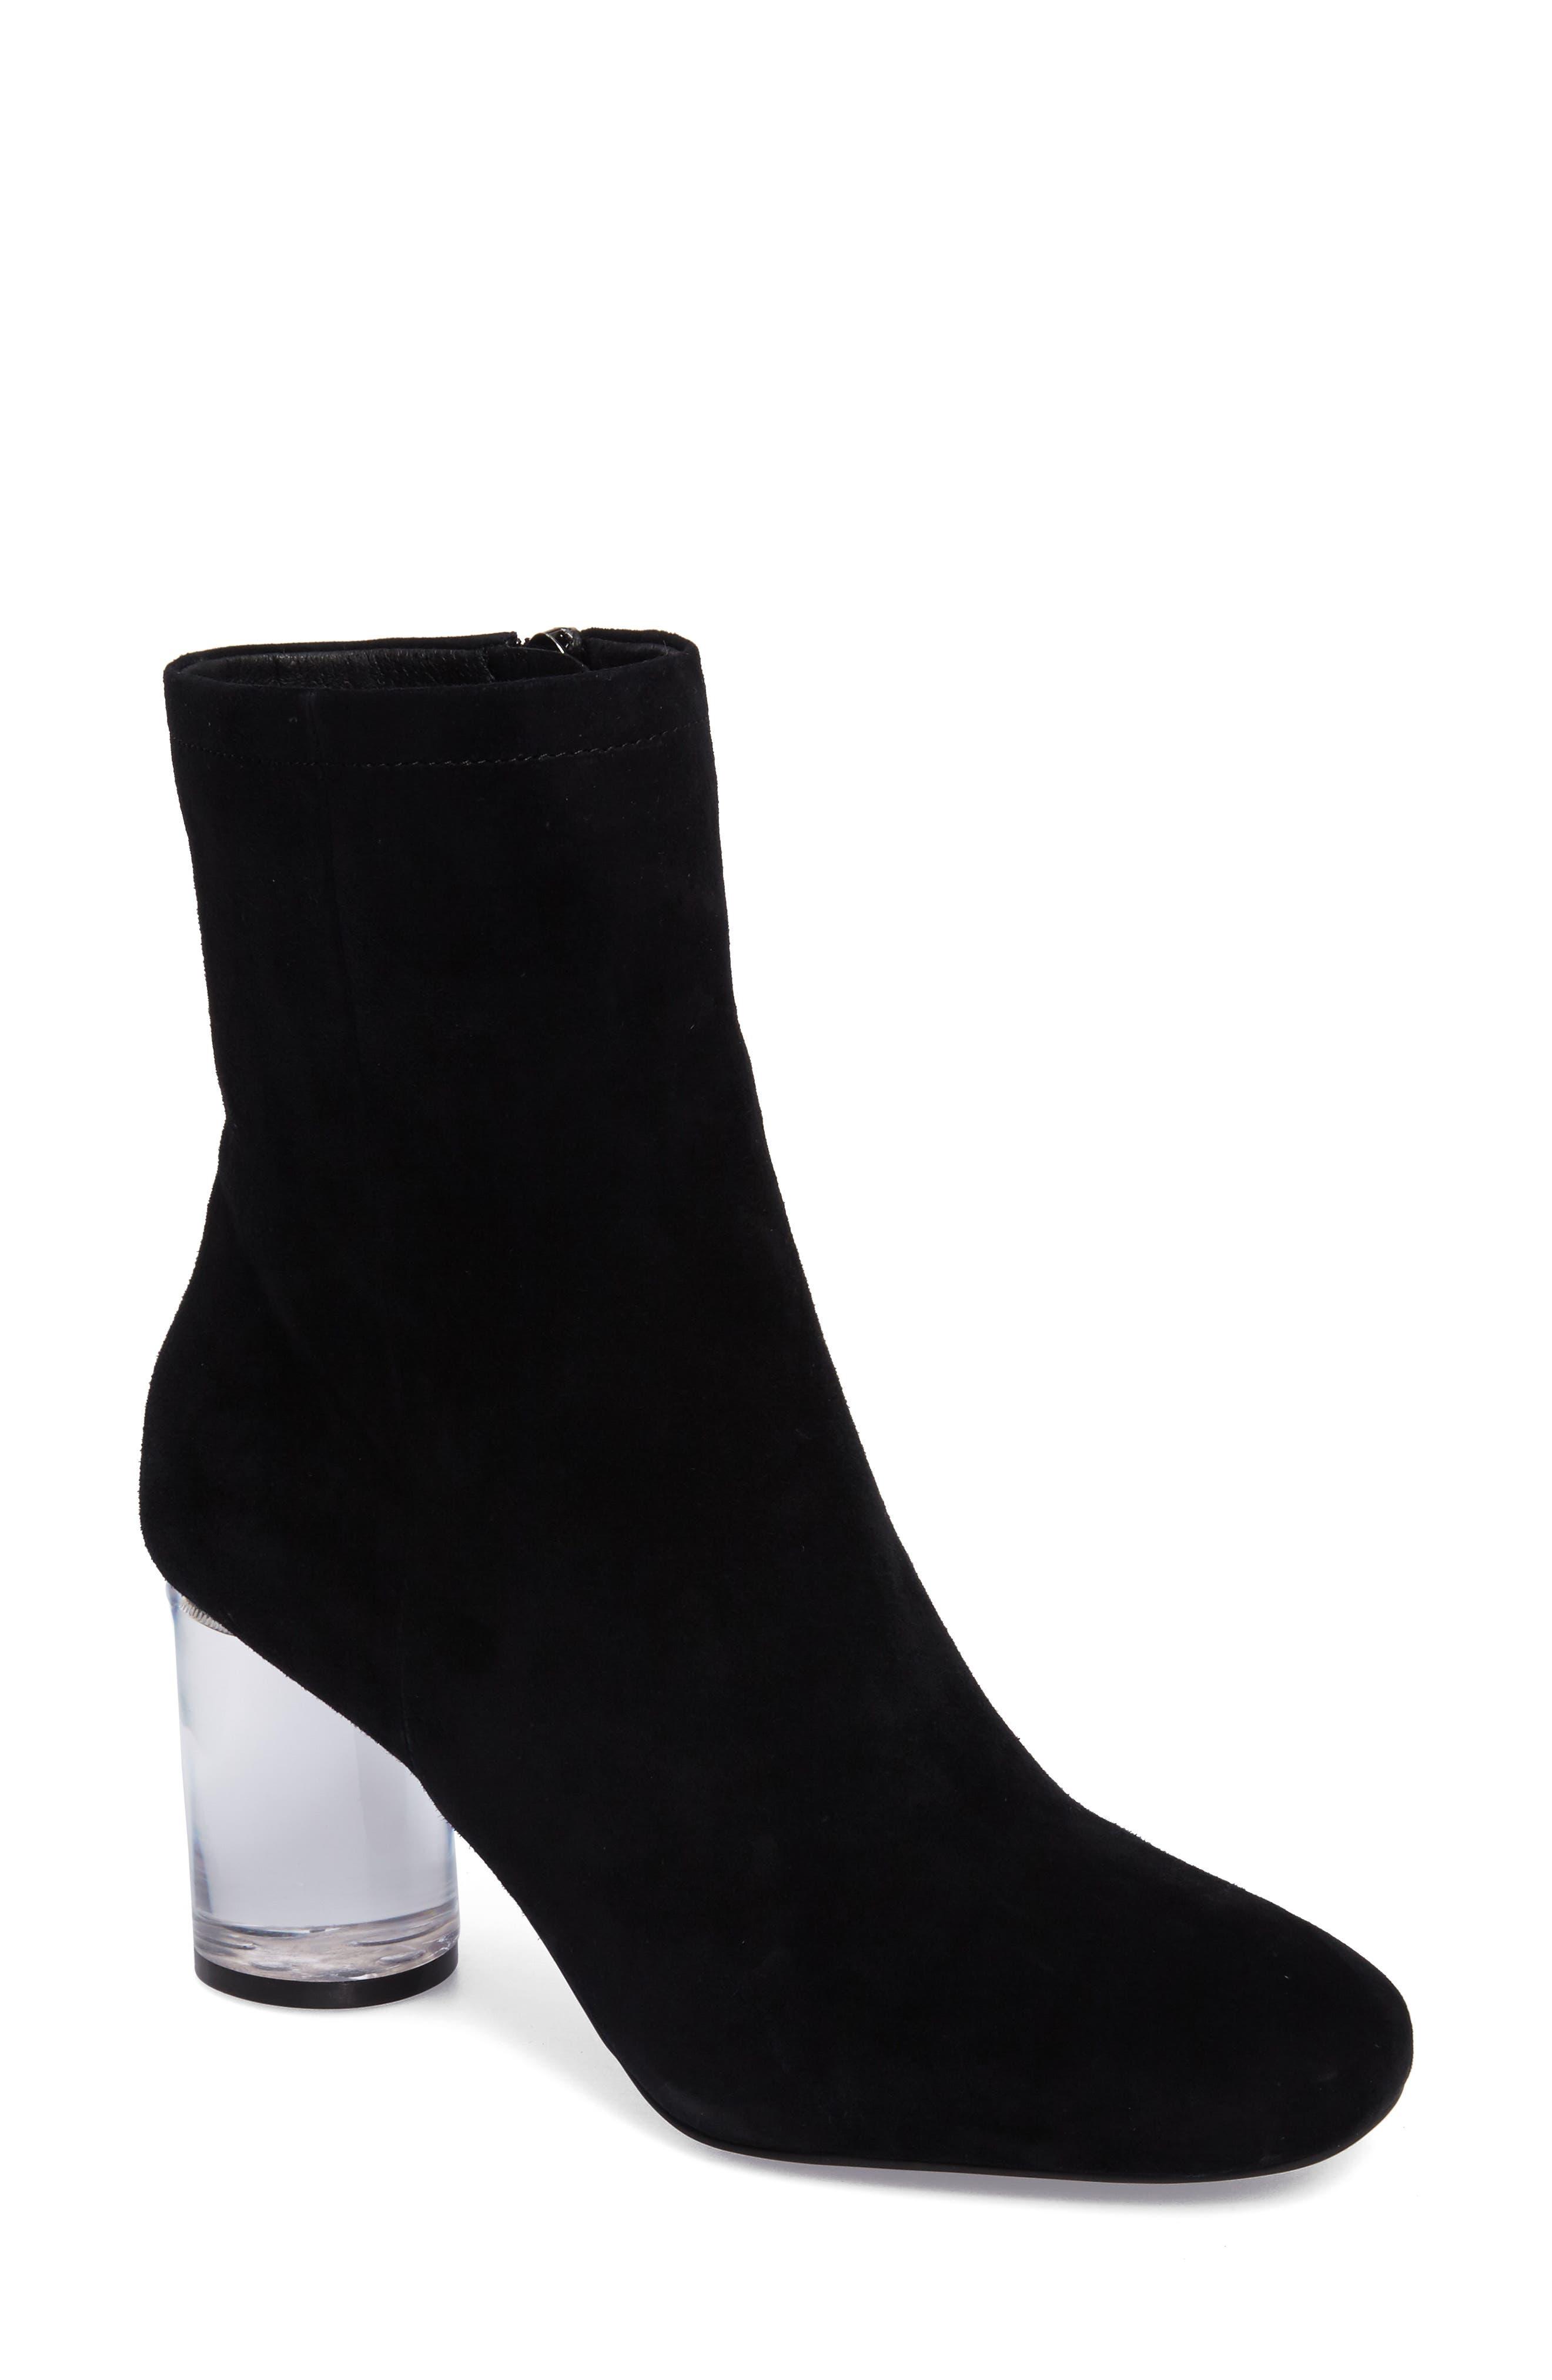 Alternate Image 1 Selected - Jessica Simpson Merta Column Heel Bootie (Women)